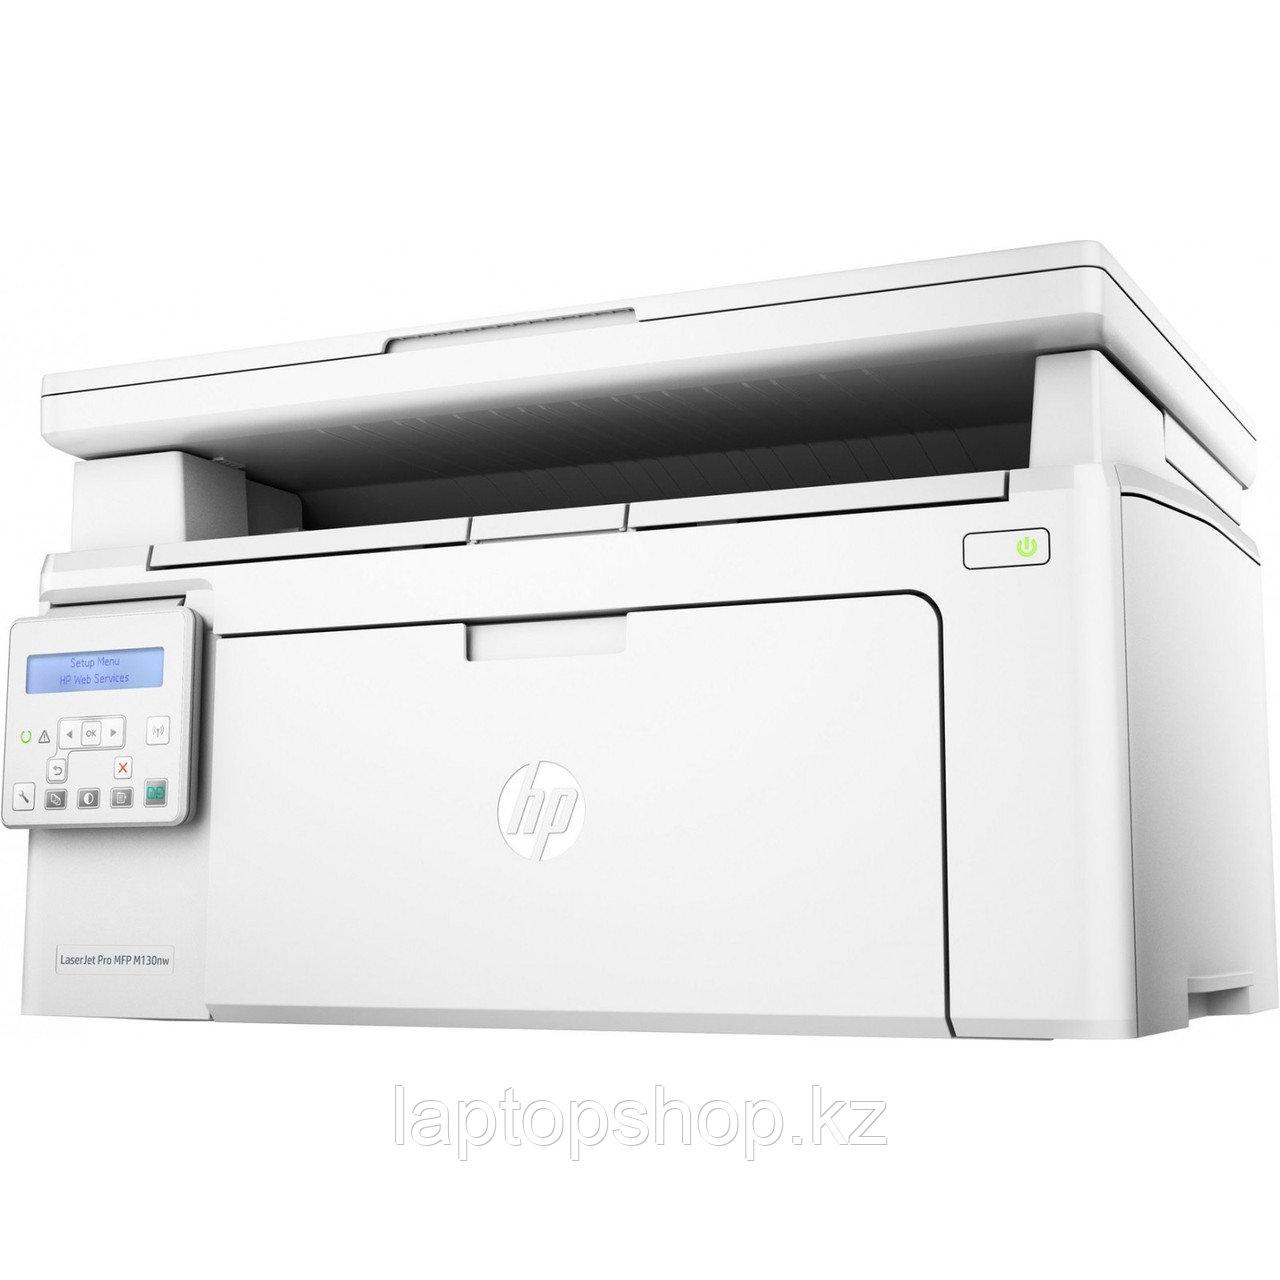 Многофункциональное устройство HP G3Q58A HP LaserJet Pro MFP M130nw Prntr (A4) , Printer/Scanner/Copier